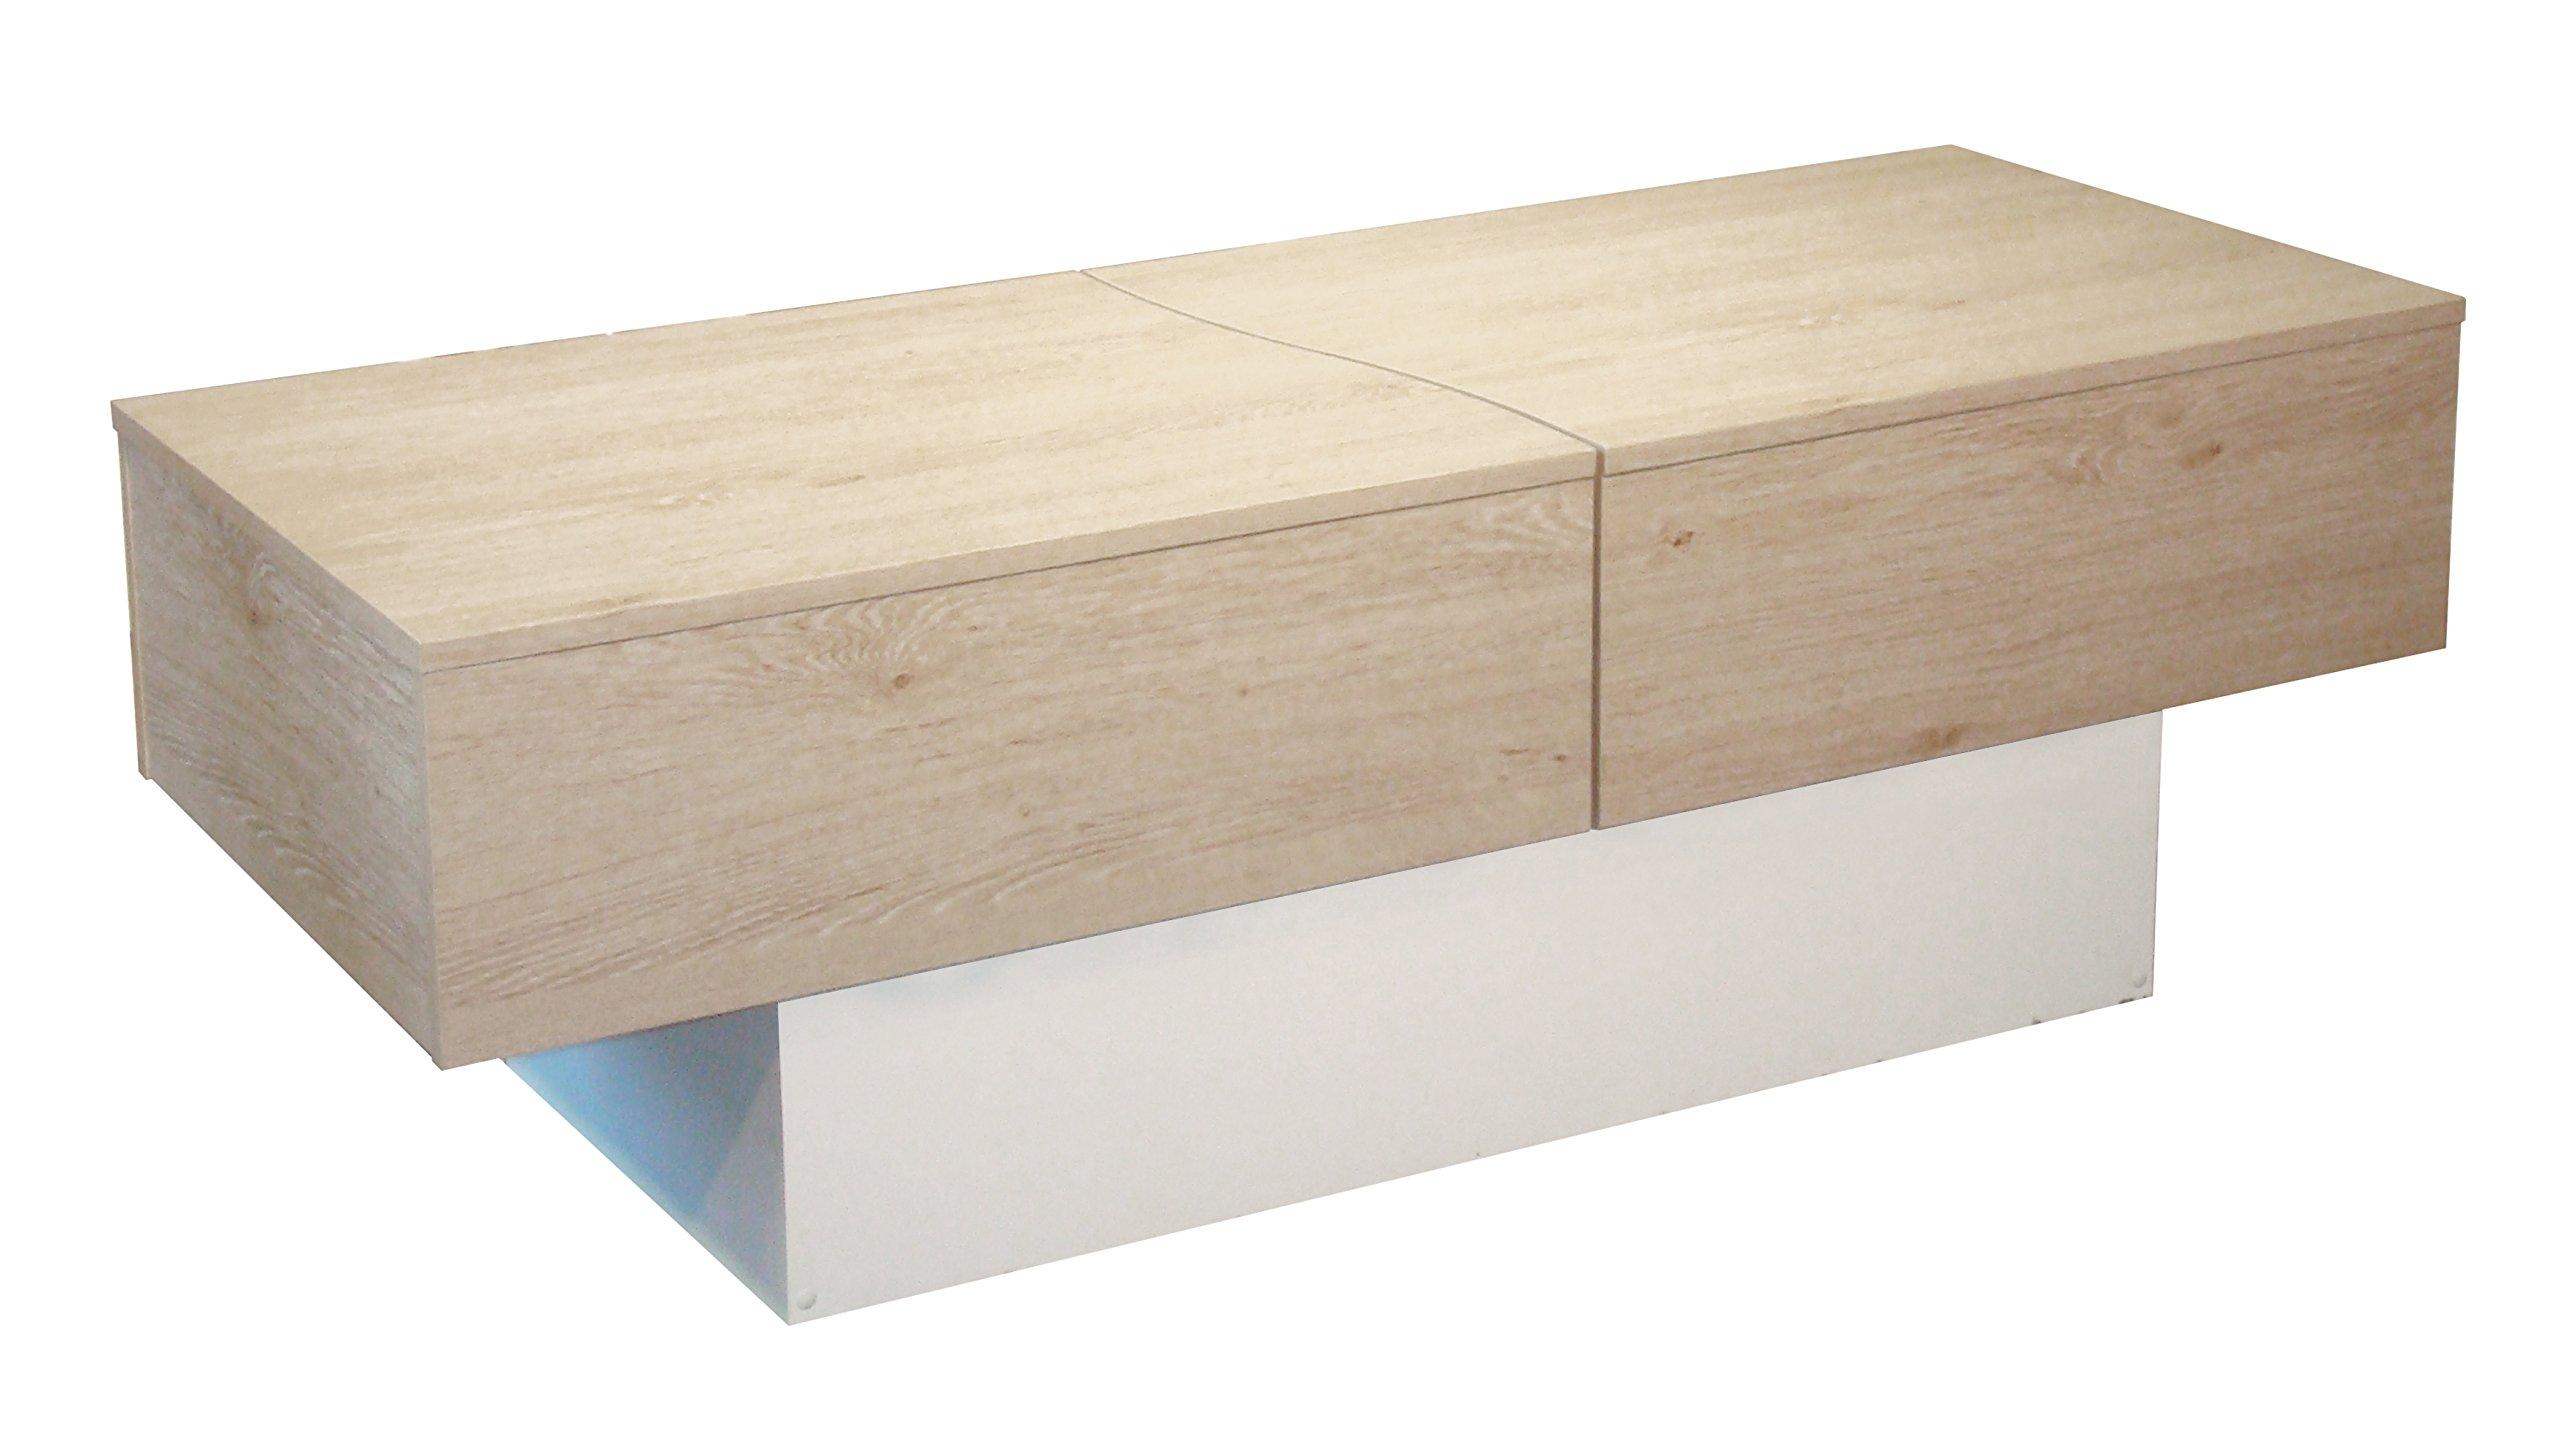 Table cérusé cm Basse Chêne x 43 x City Box Berlioz Blanc 51 123 et Creations 2YIHWE9D